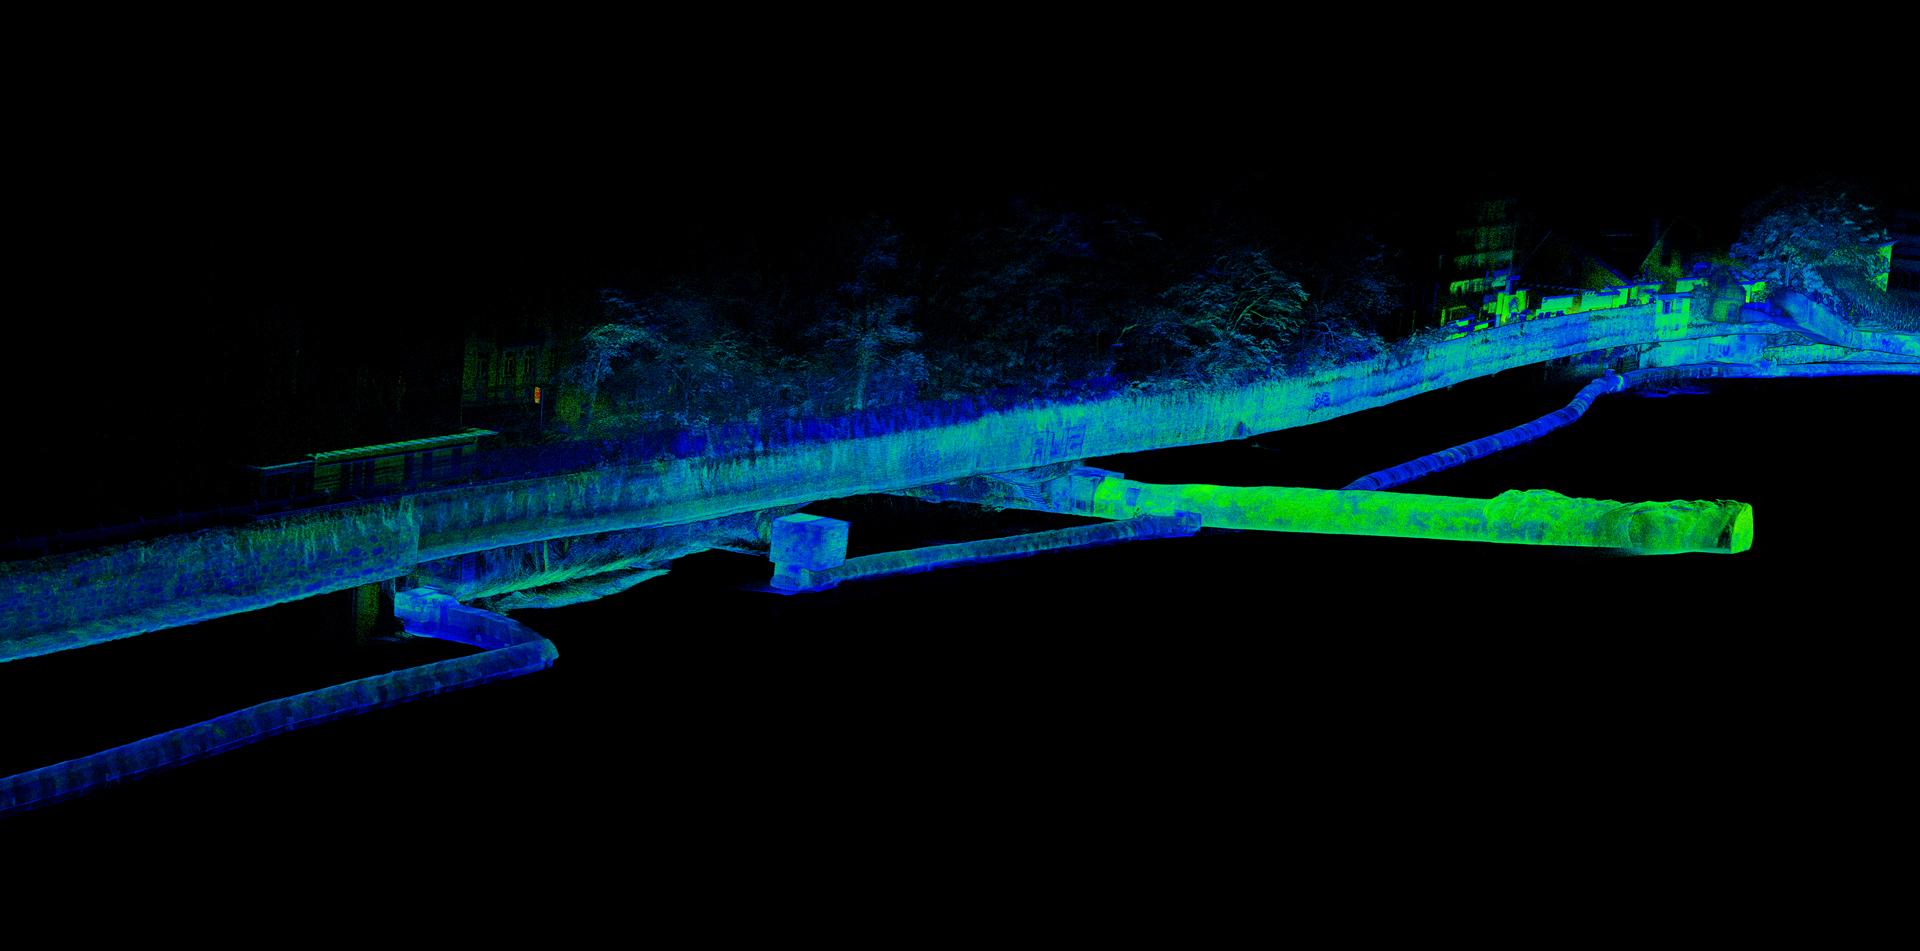 mobiler-laserscan-dotscene_02